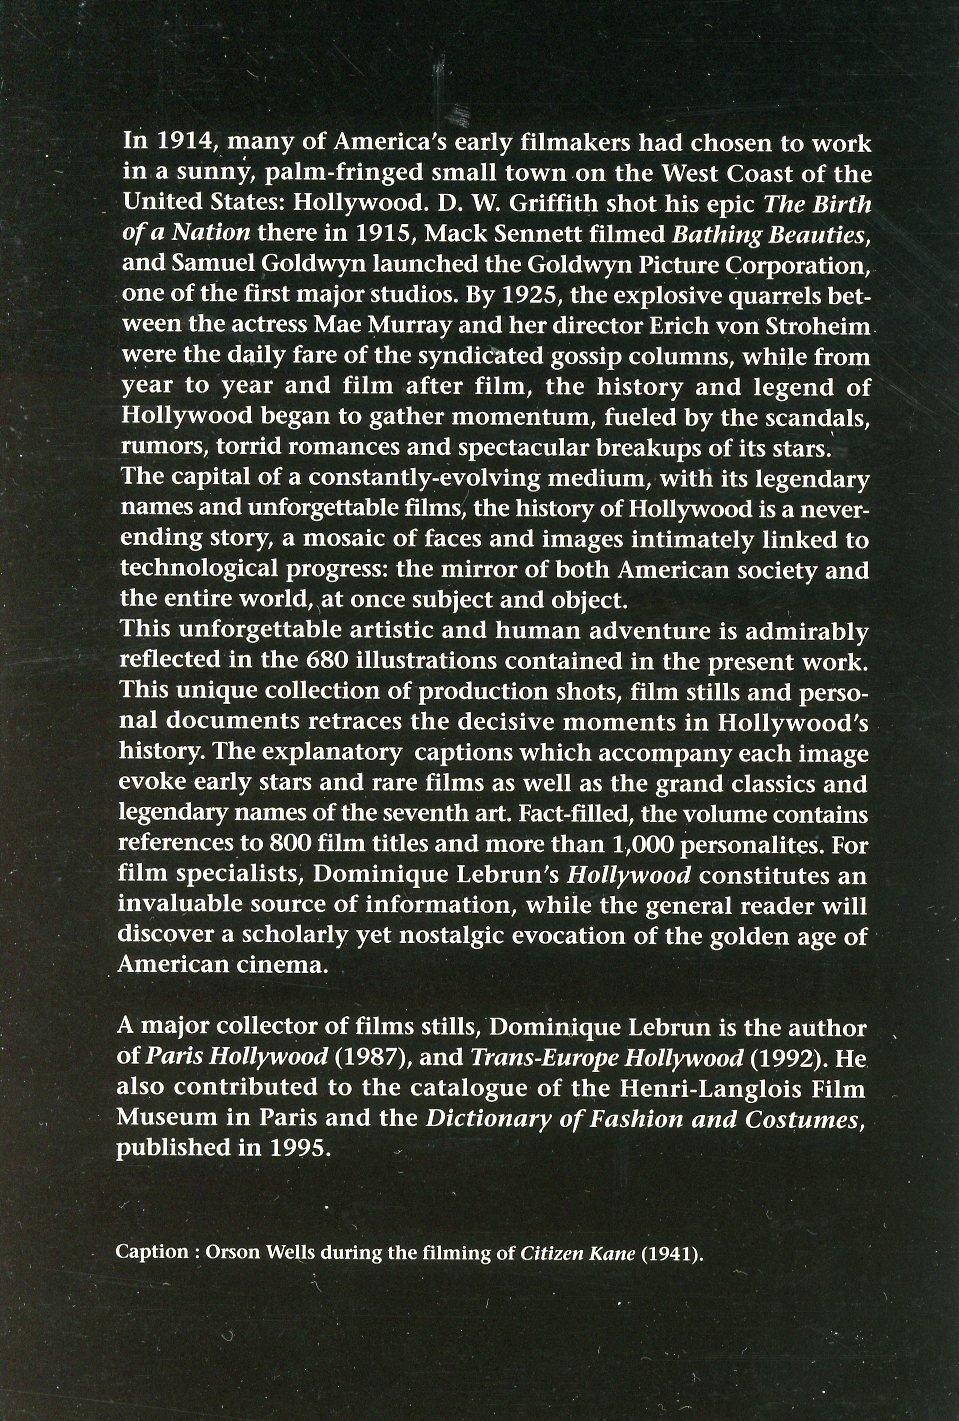 Libros sobre cine - Página 2 81hNZhJibsL